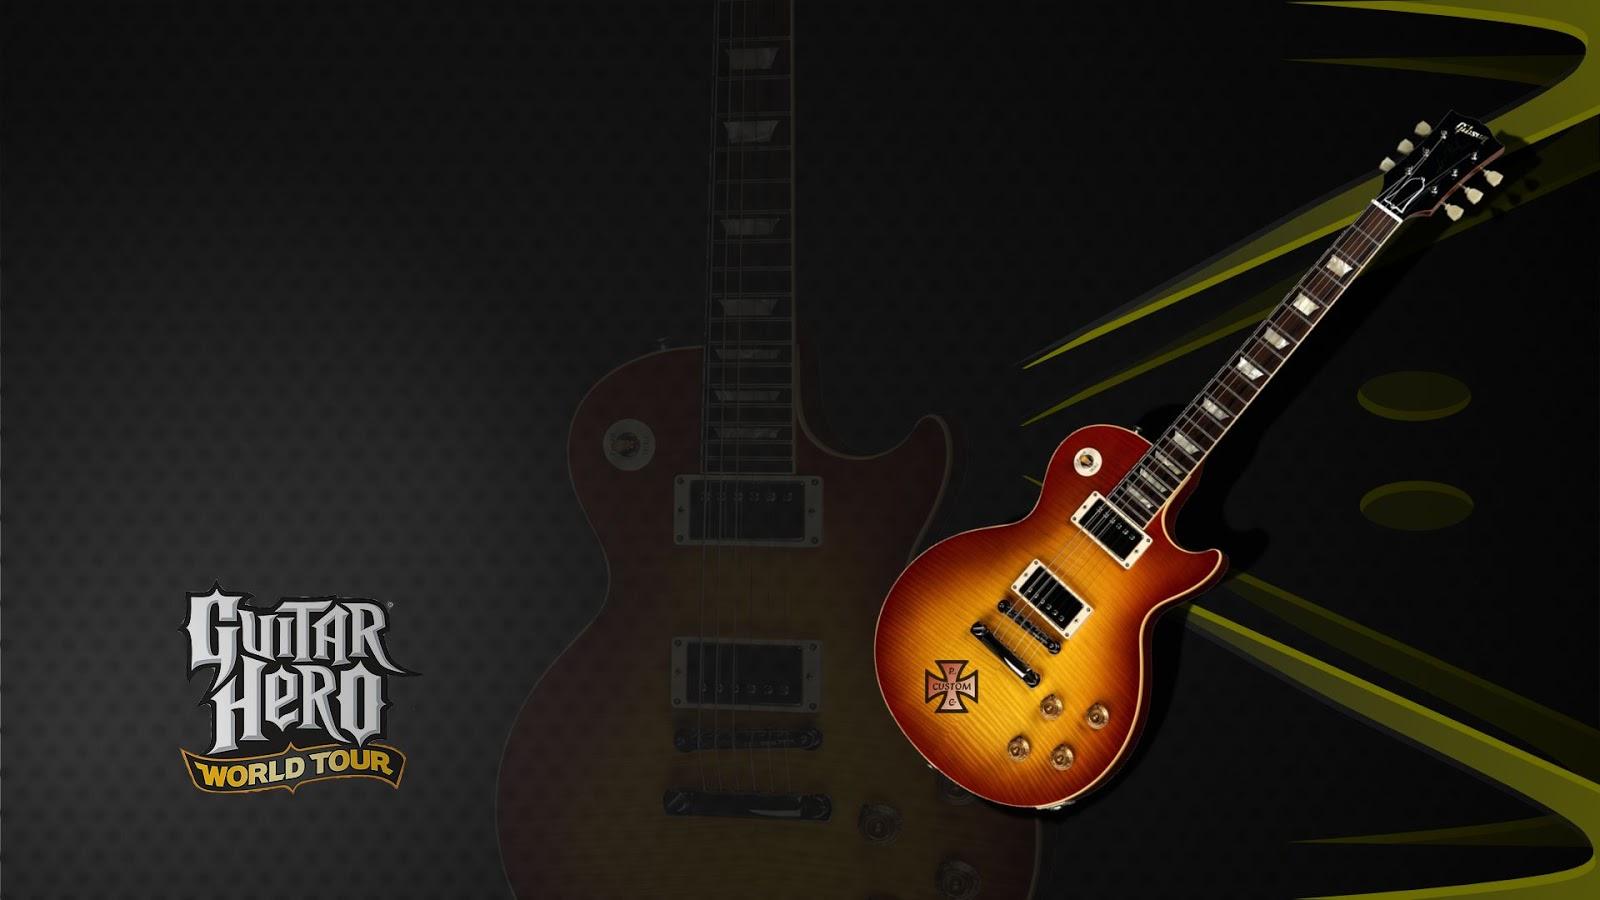 Beautiful Wallpaper Love Guitar - Guitar%2Bhd%2Bwallpaper%2Bdownload%2B2016-03%2B%25281%2529  Snapshot_66913.jpeg